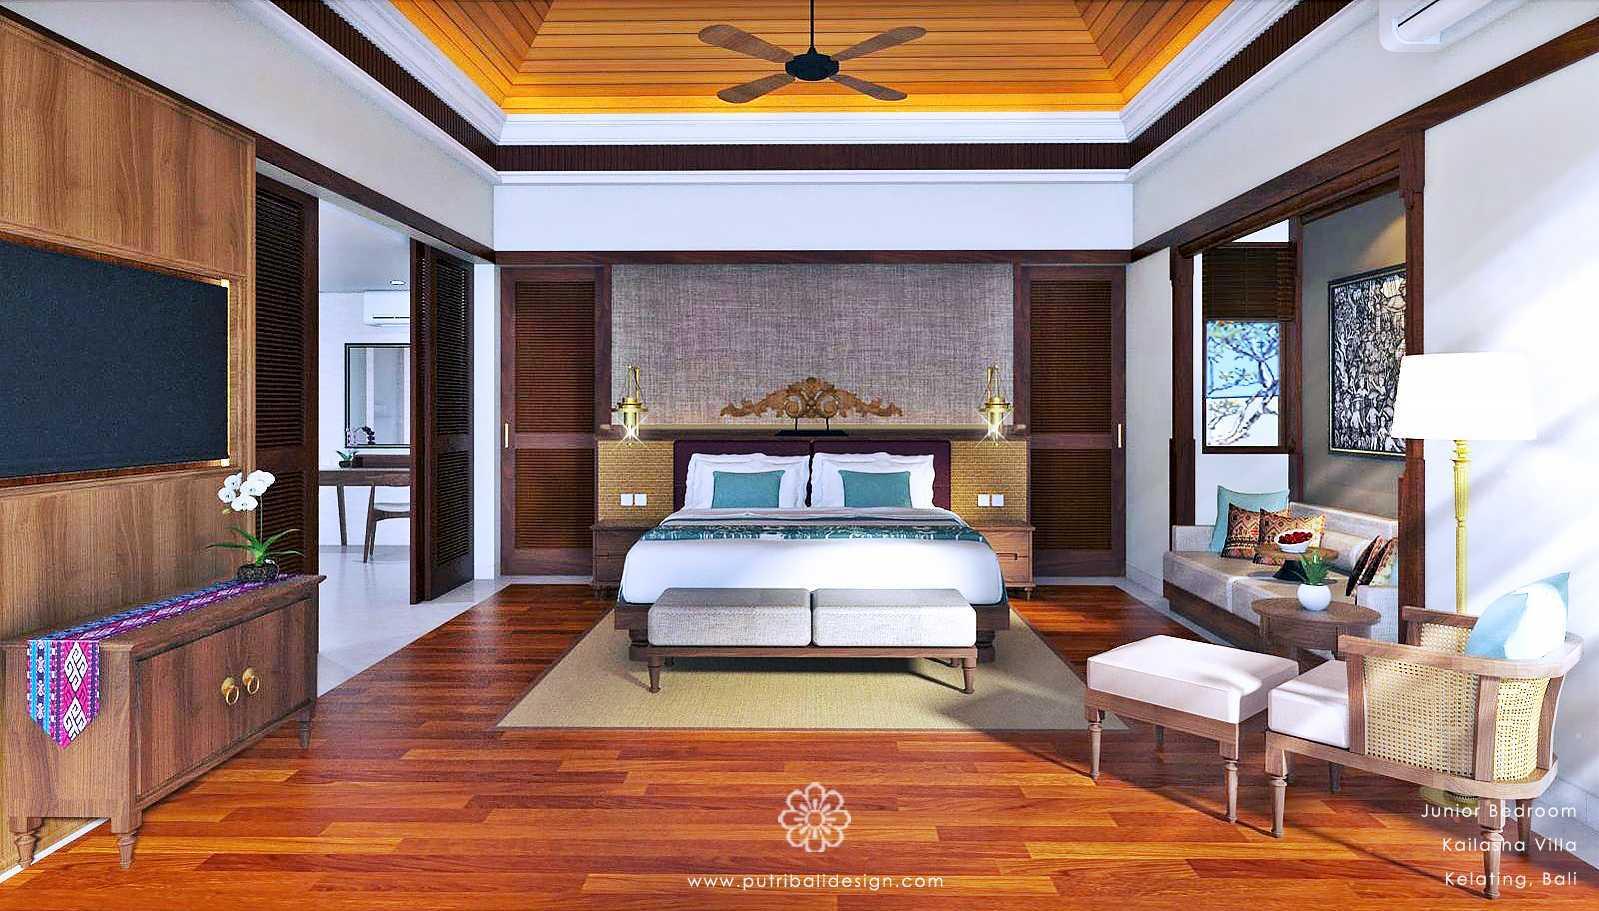 Putri Bali Design Kailasha Villa Kabupaten Tabanan, Bali, Indonesia Kabupaten Tabanan, Bali, Indonesia Putri-Bali-Design-Kailasha-Villa  86471